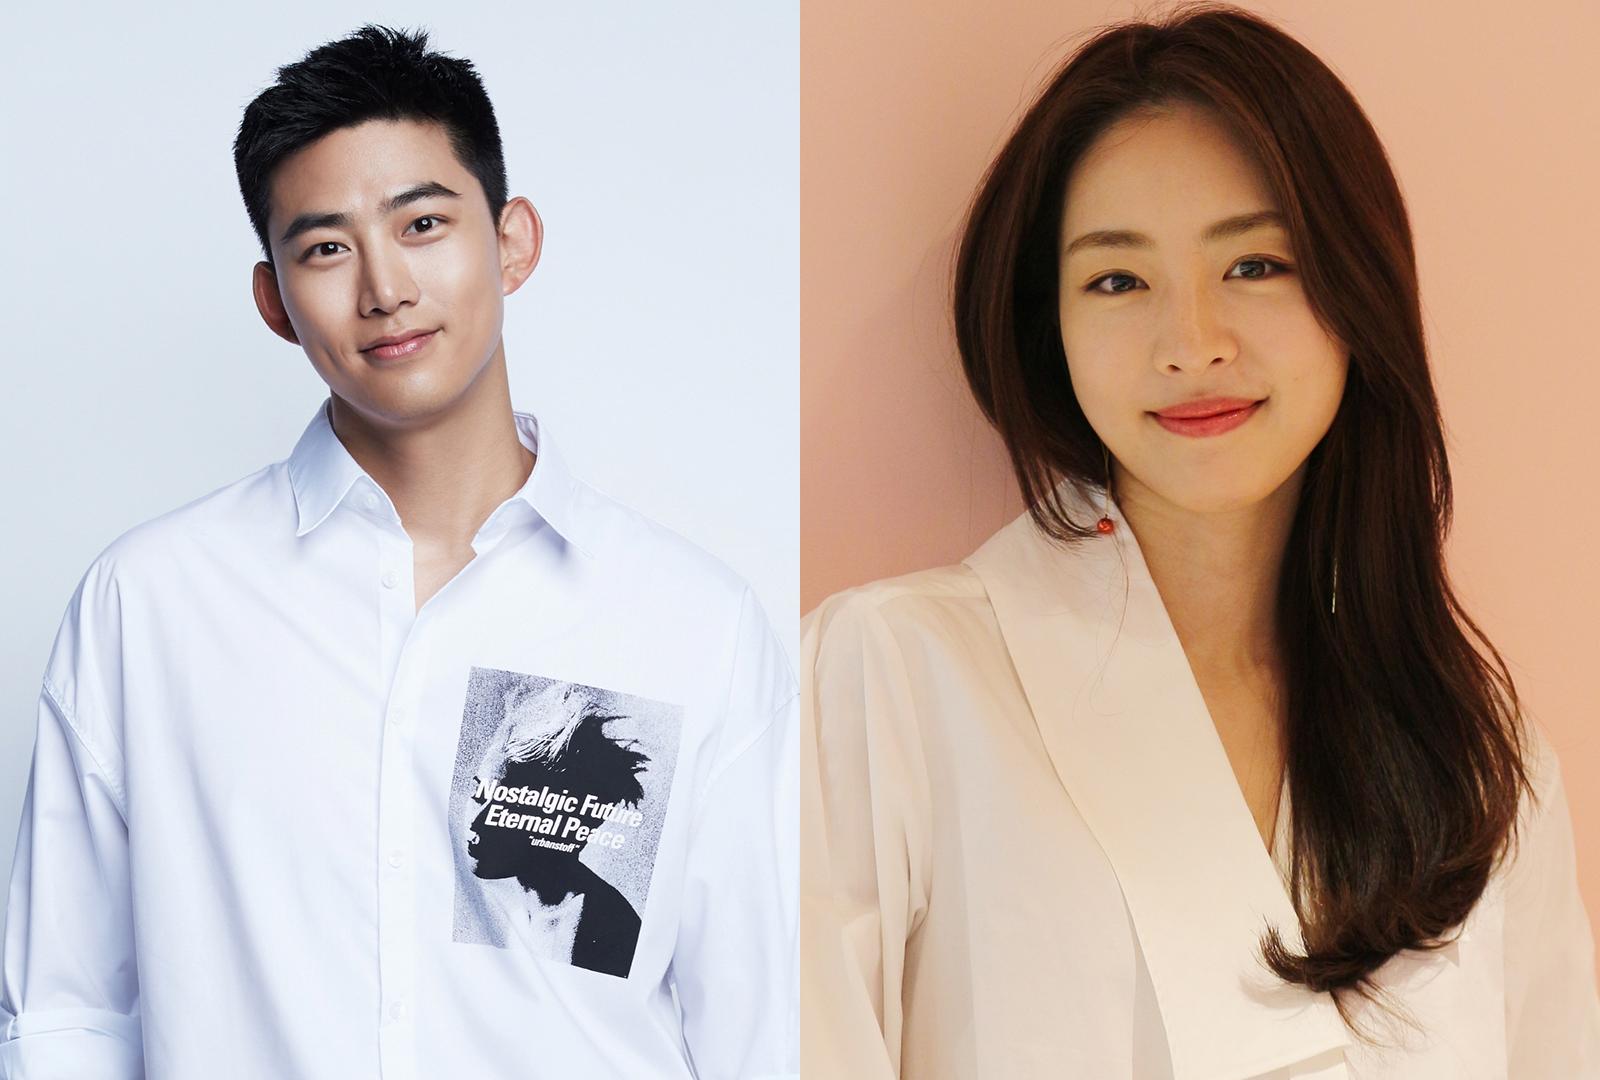 옥택연X이연희, MBC '더게임' 통해 6년 만의 재회… 내년 1월 첫 방송